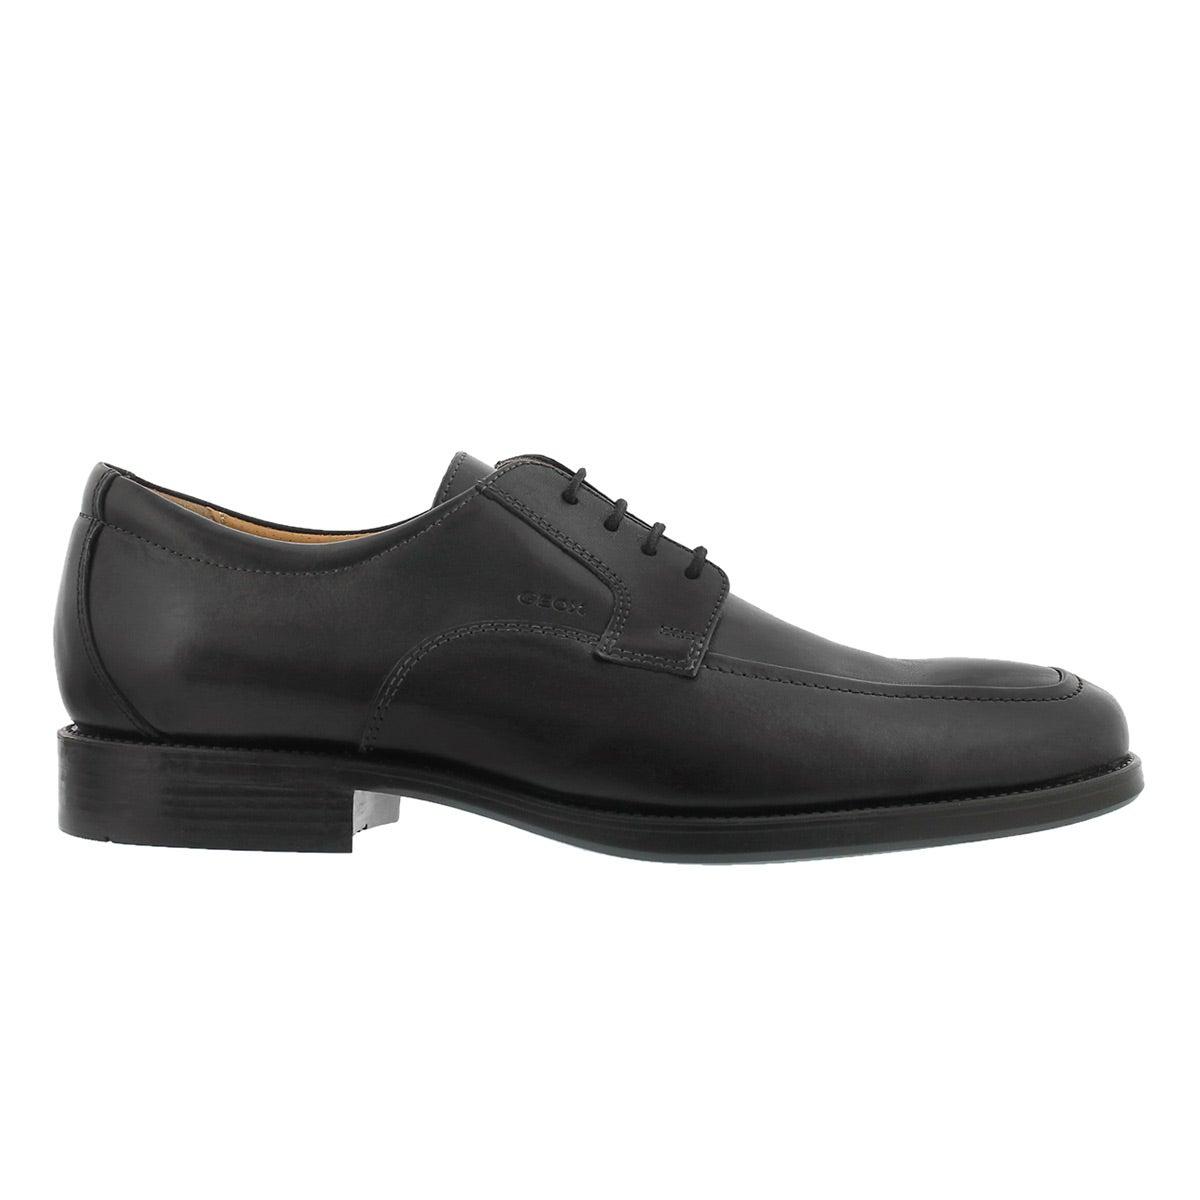 Chaussure habillée Federico, noir, hom